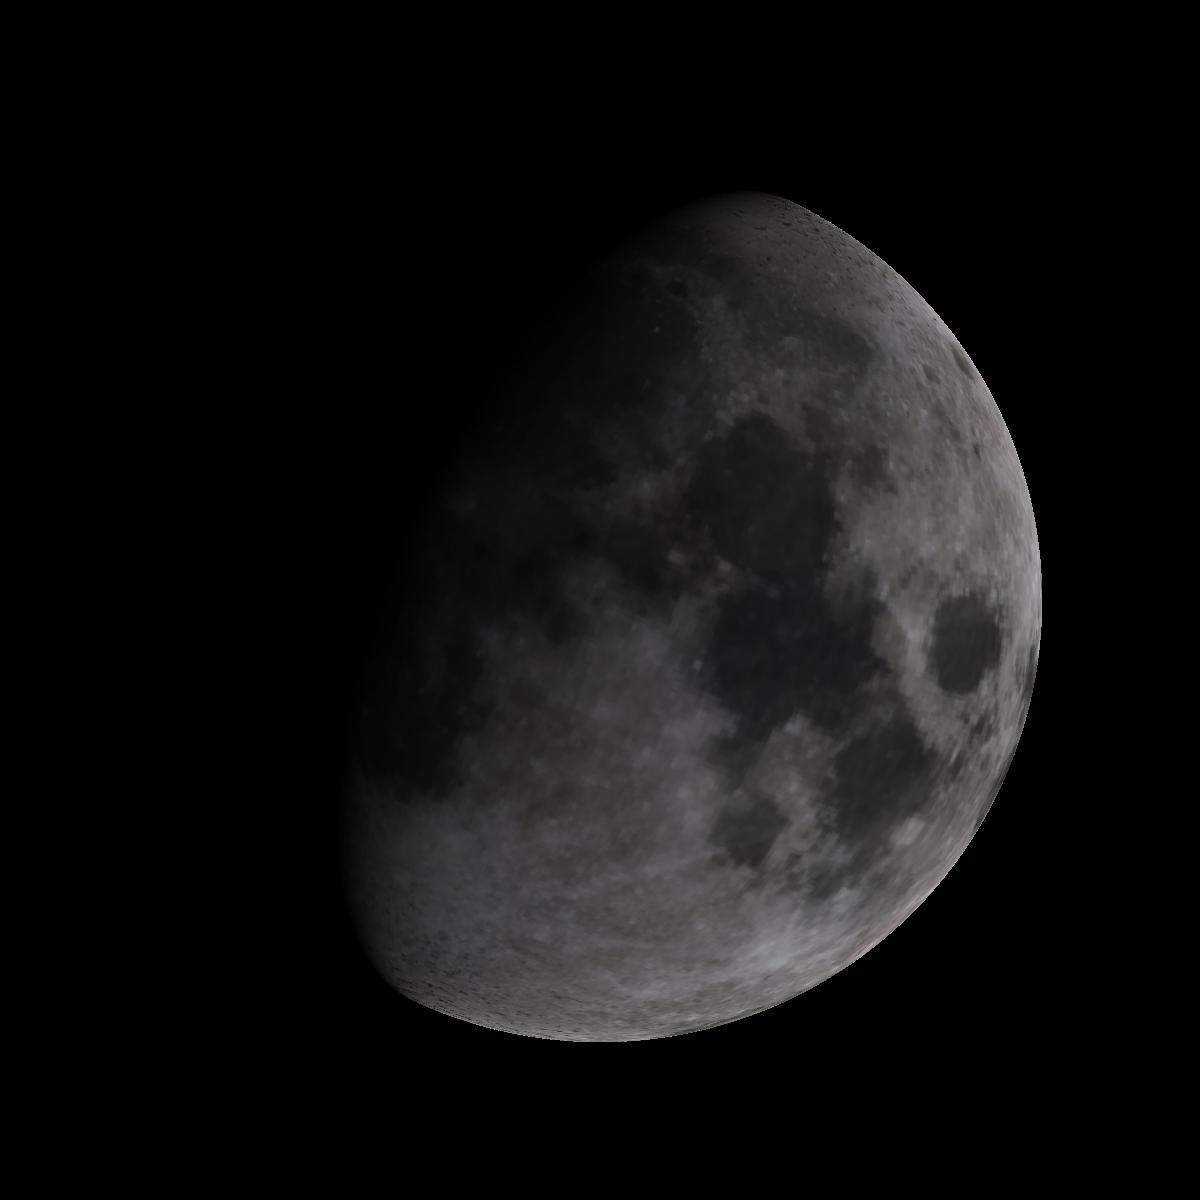 Lune du 7 novembre 2019